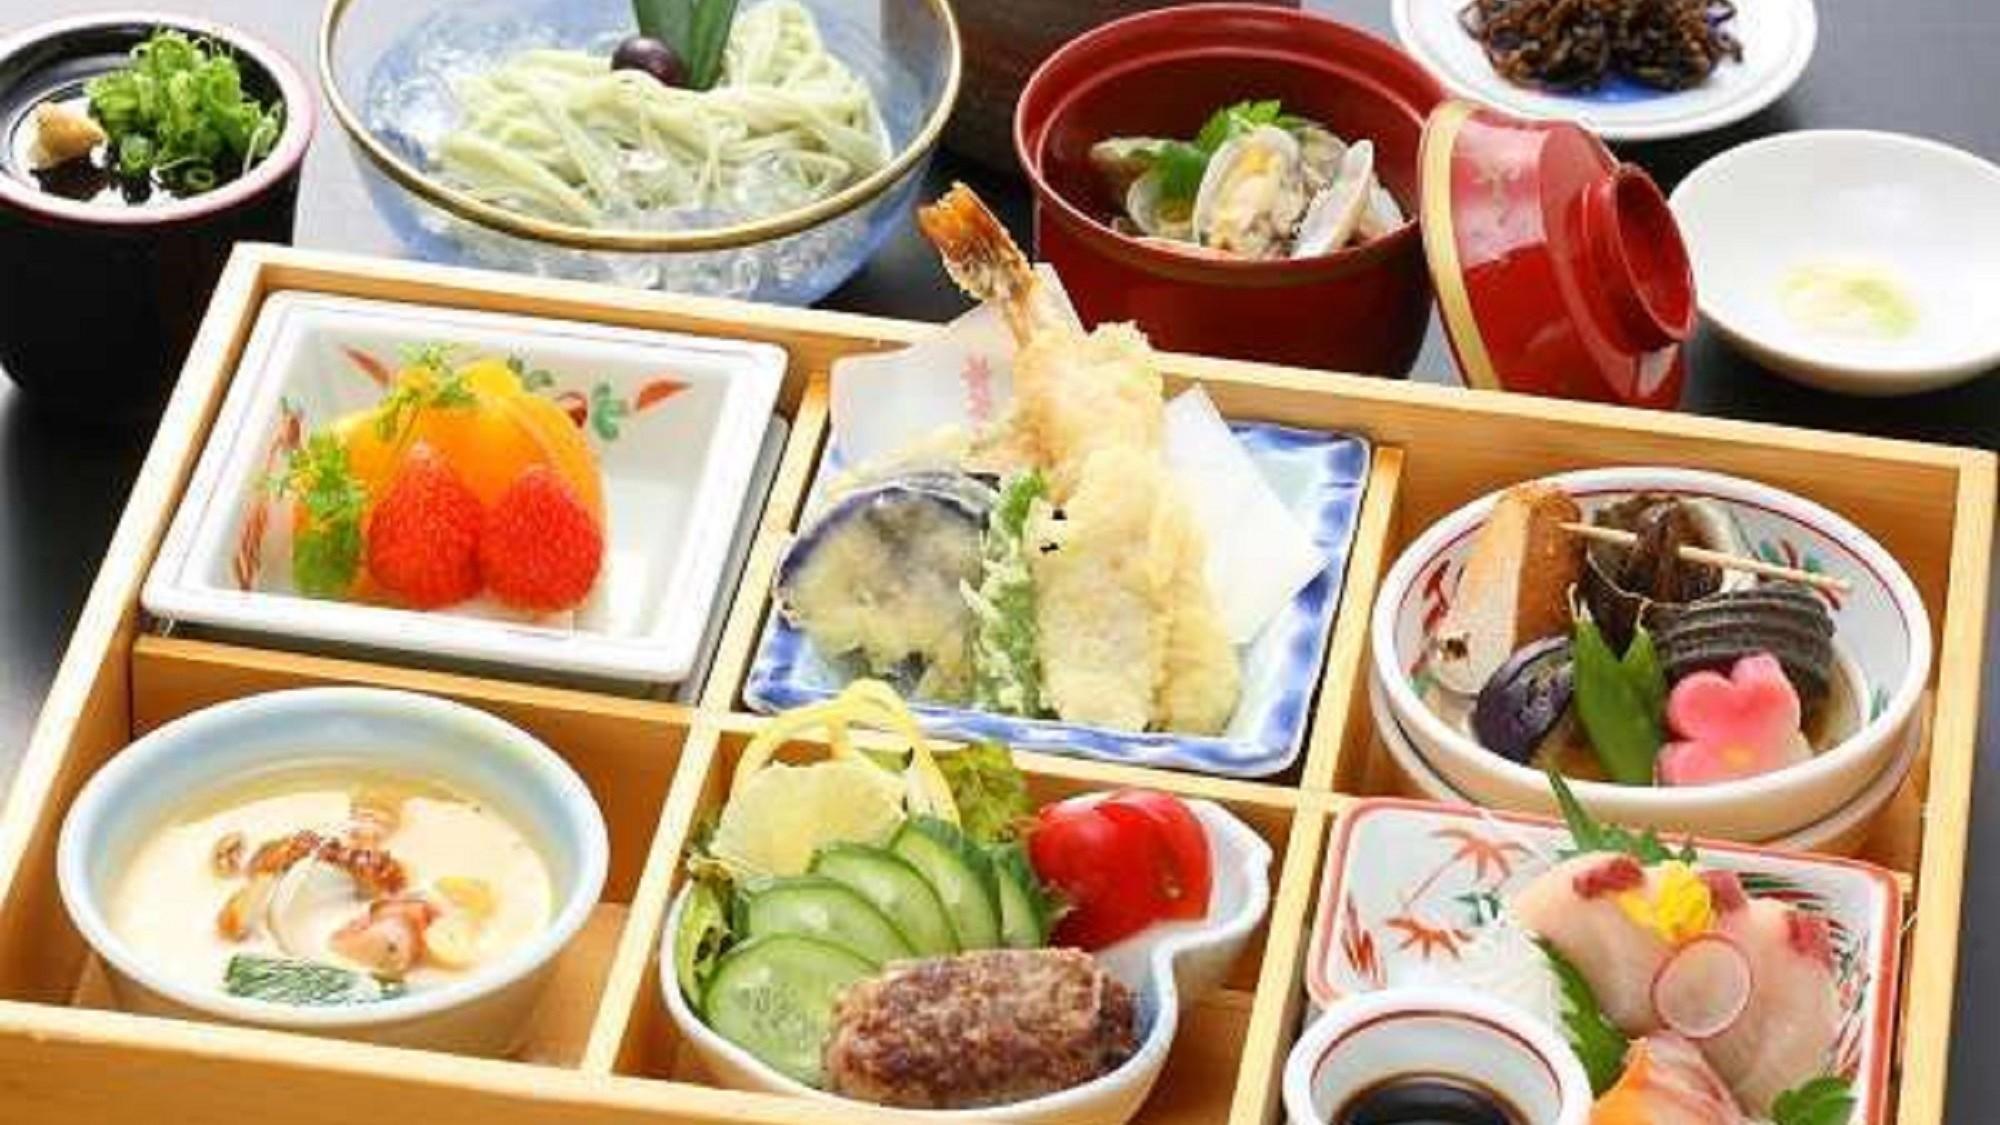 お子様和食コース料理 ※イメージ